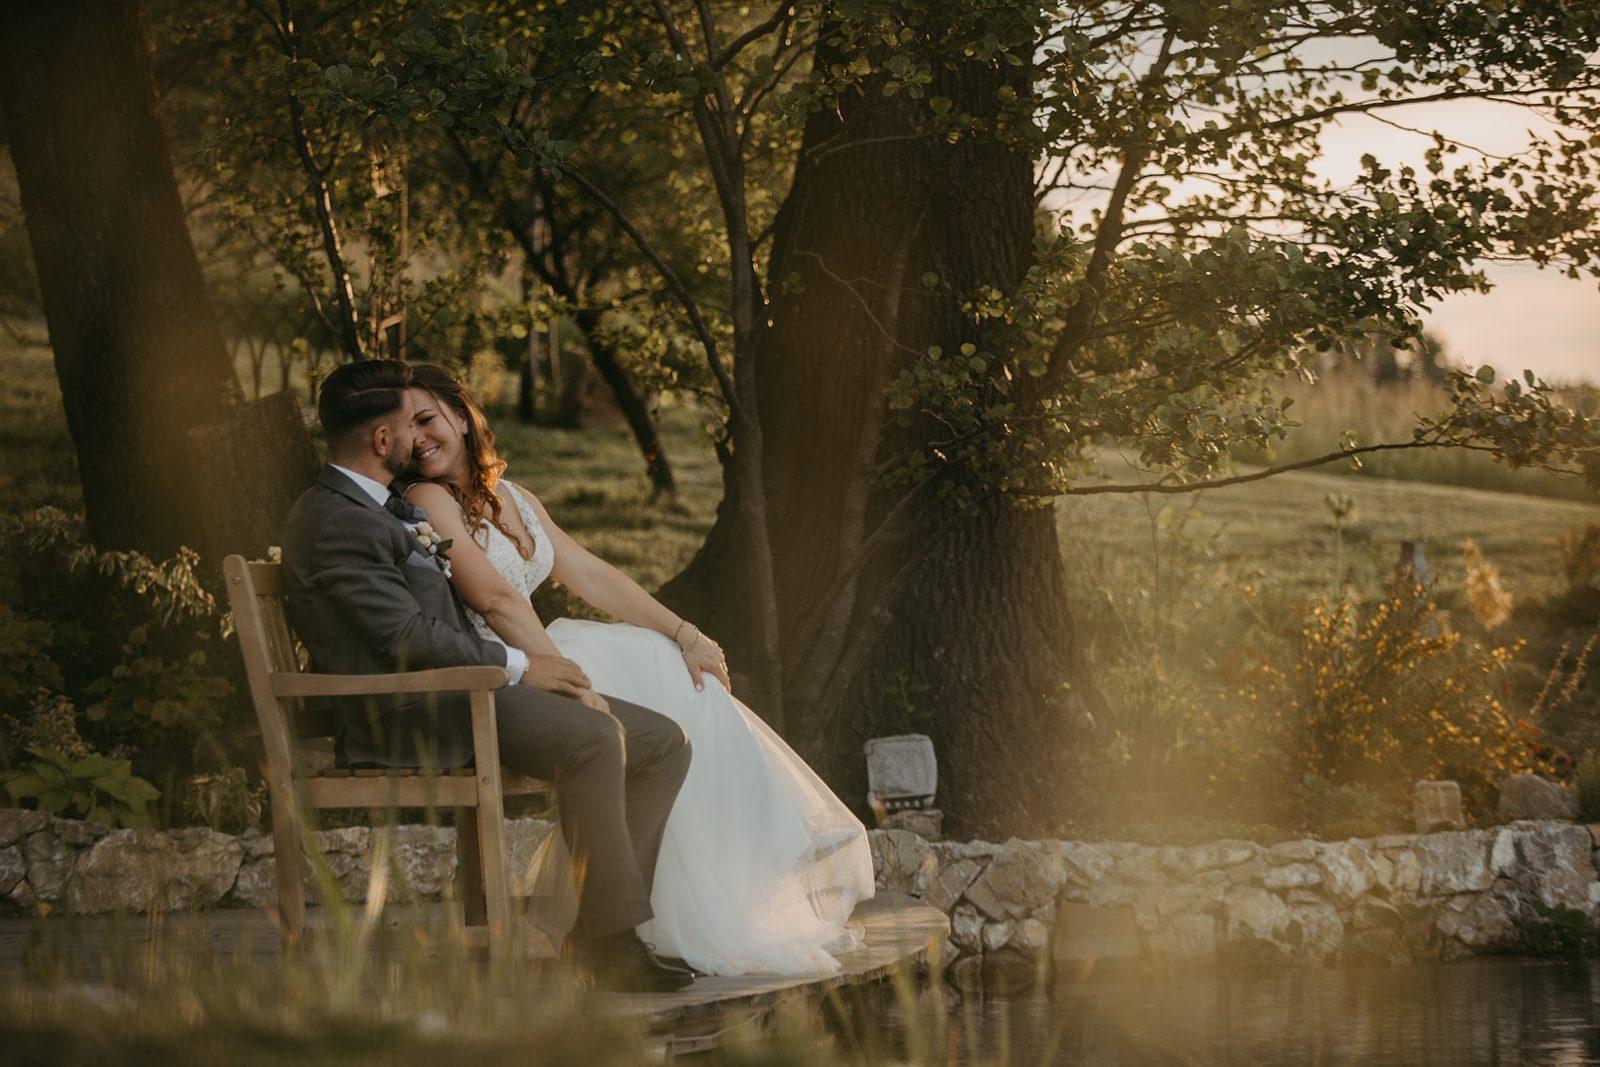 Brautpaar sitzt auf einer Bank bei einem Teich